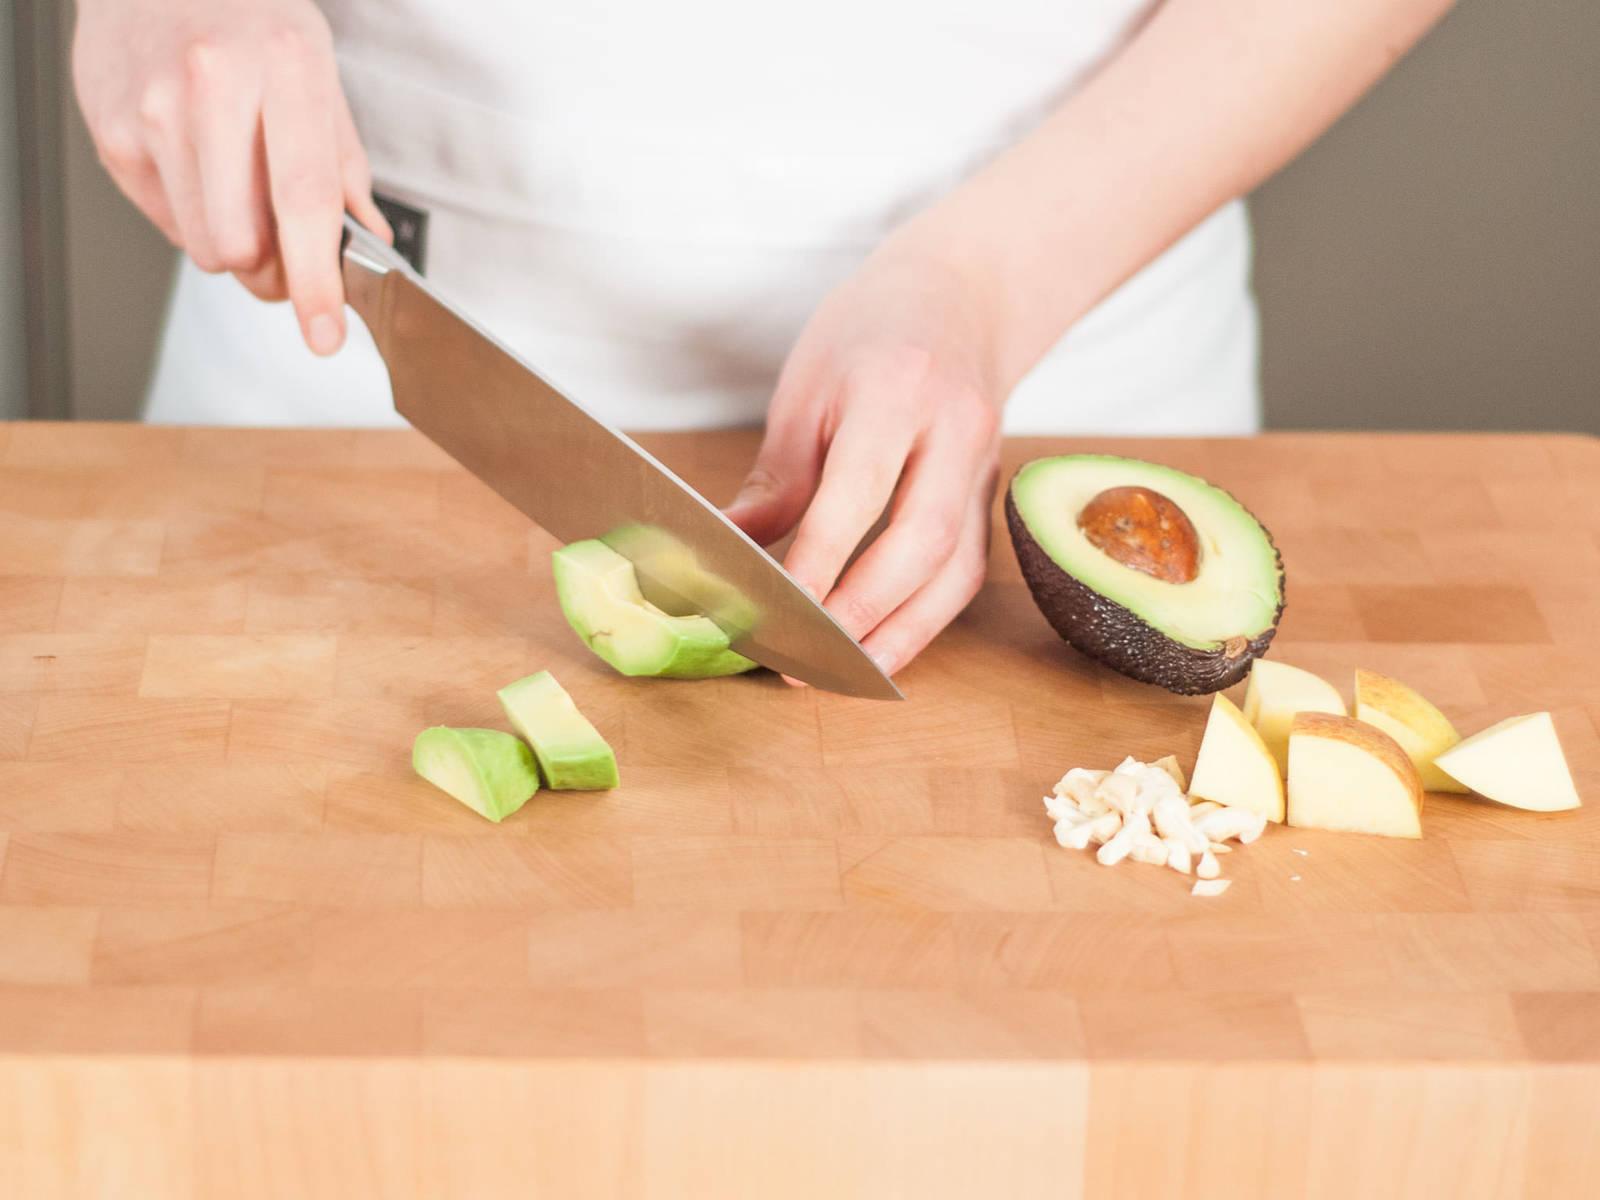 将苹果、黄瓜、腰果和鳄梨粗略切碎。